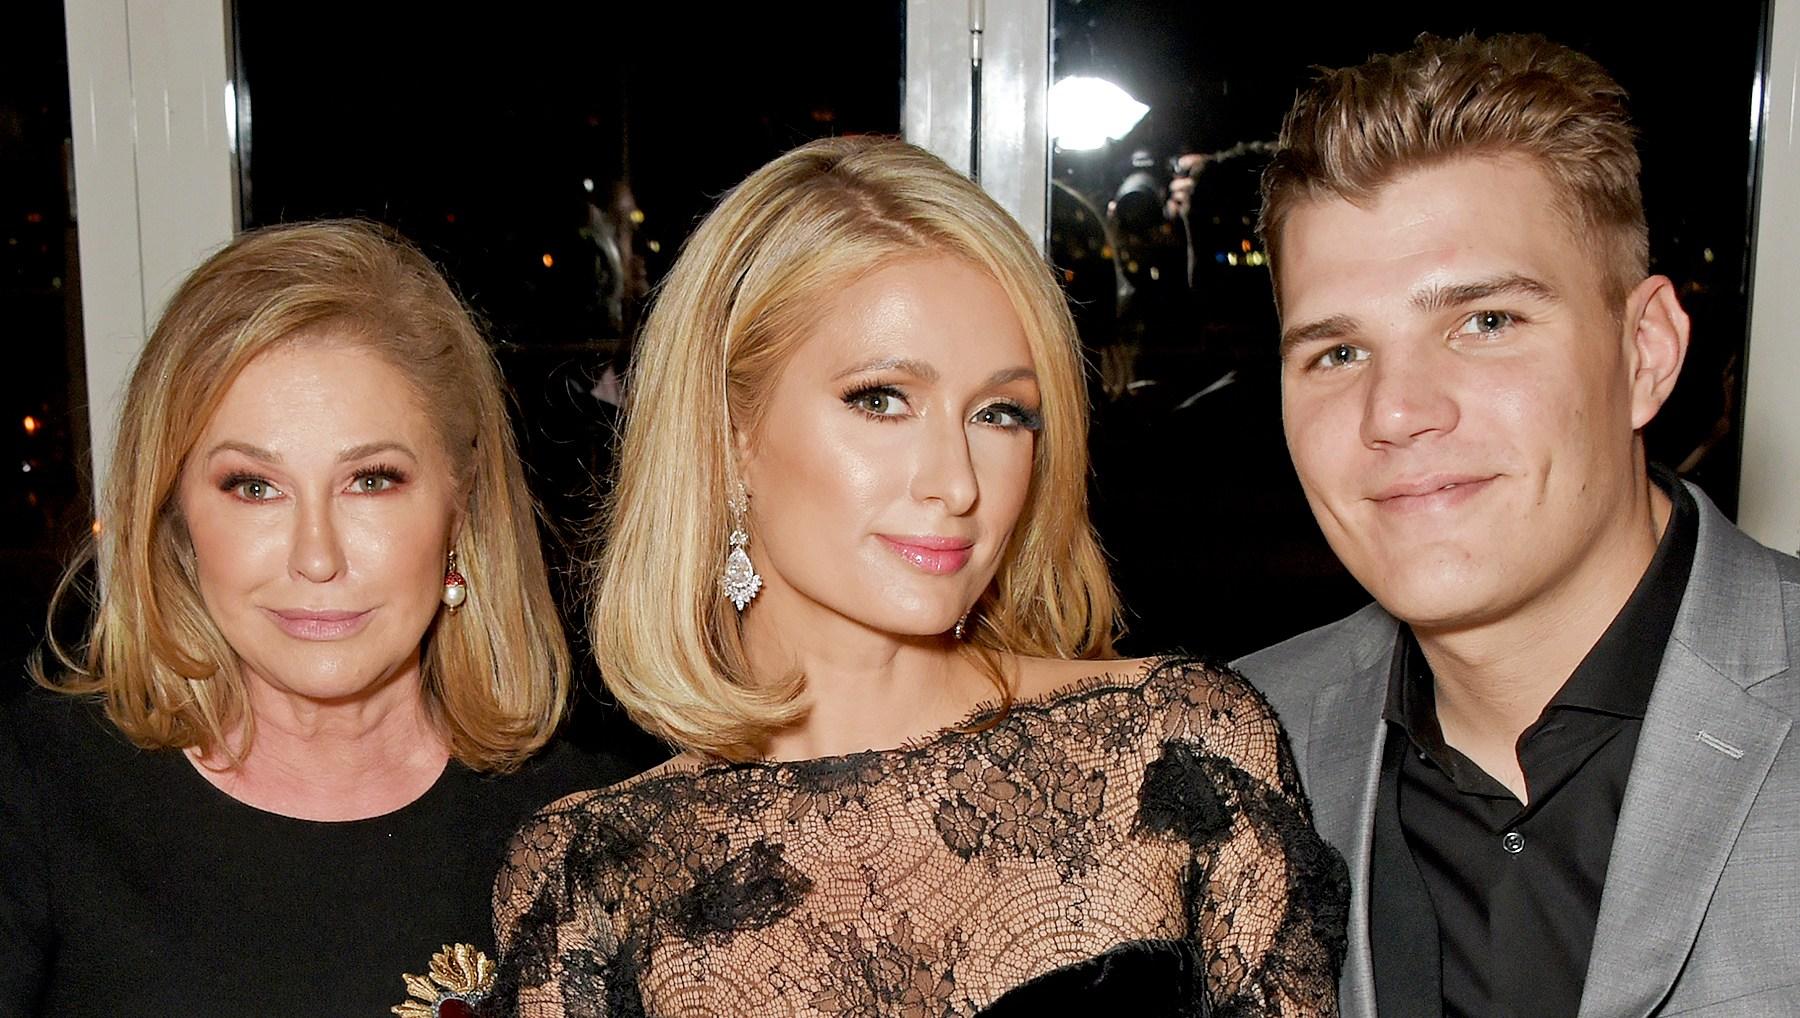 Kathy-Hilton,-Paris-Hilton-and-Chris-Zylka